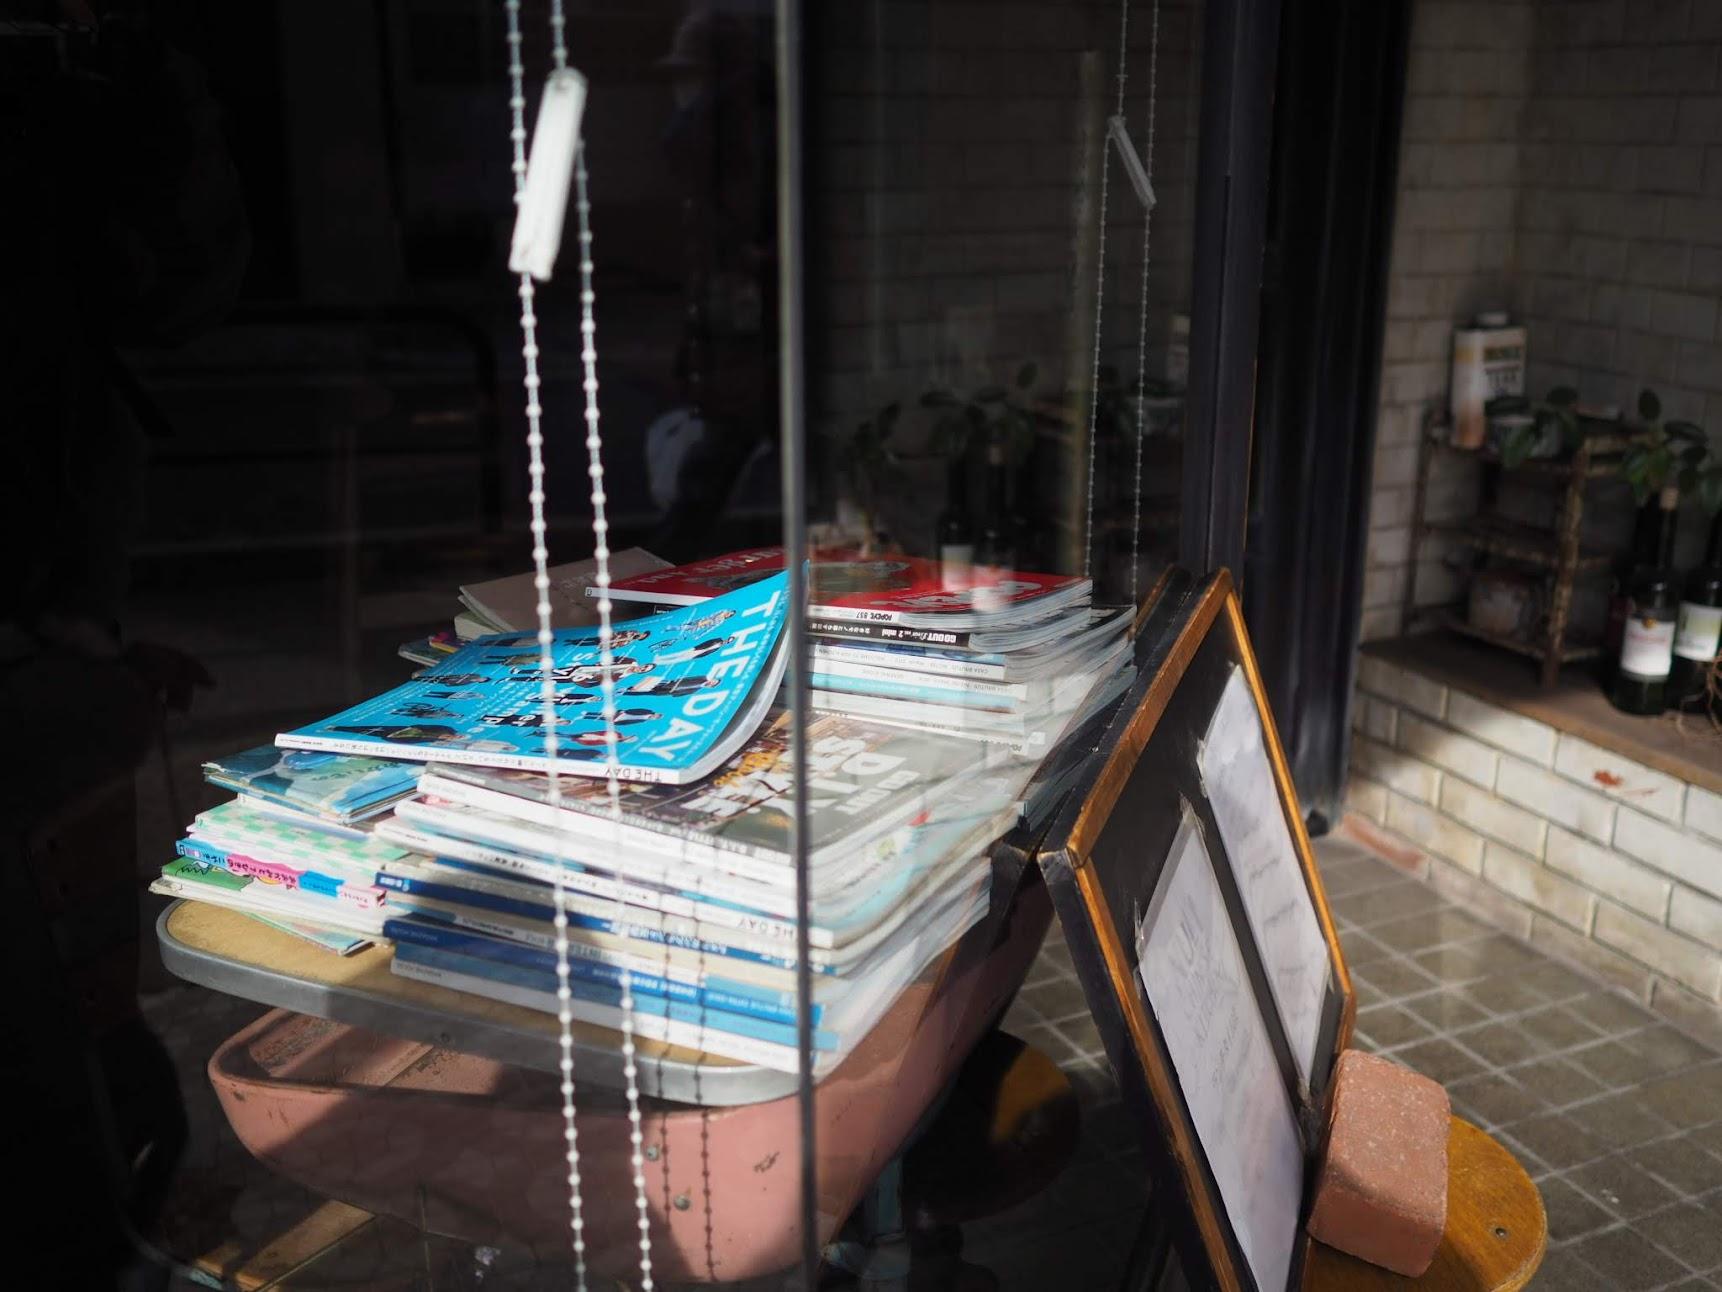 入り口の雑誌類